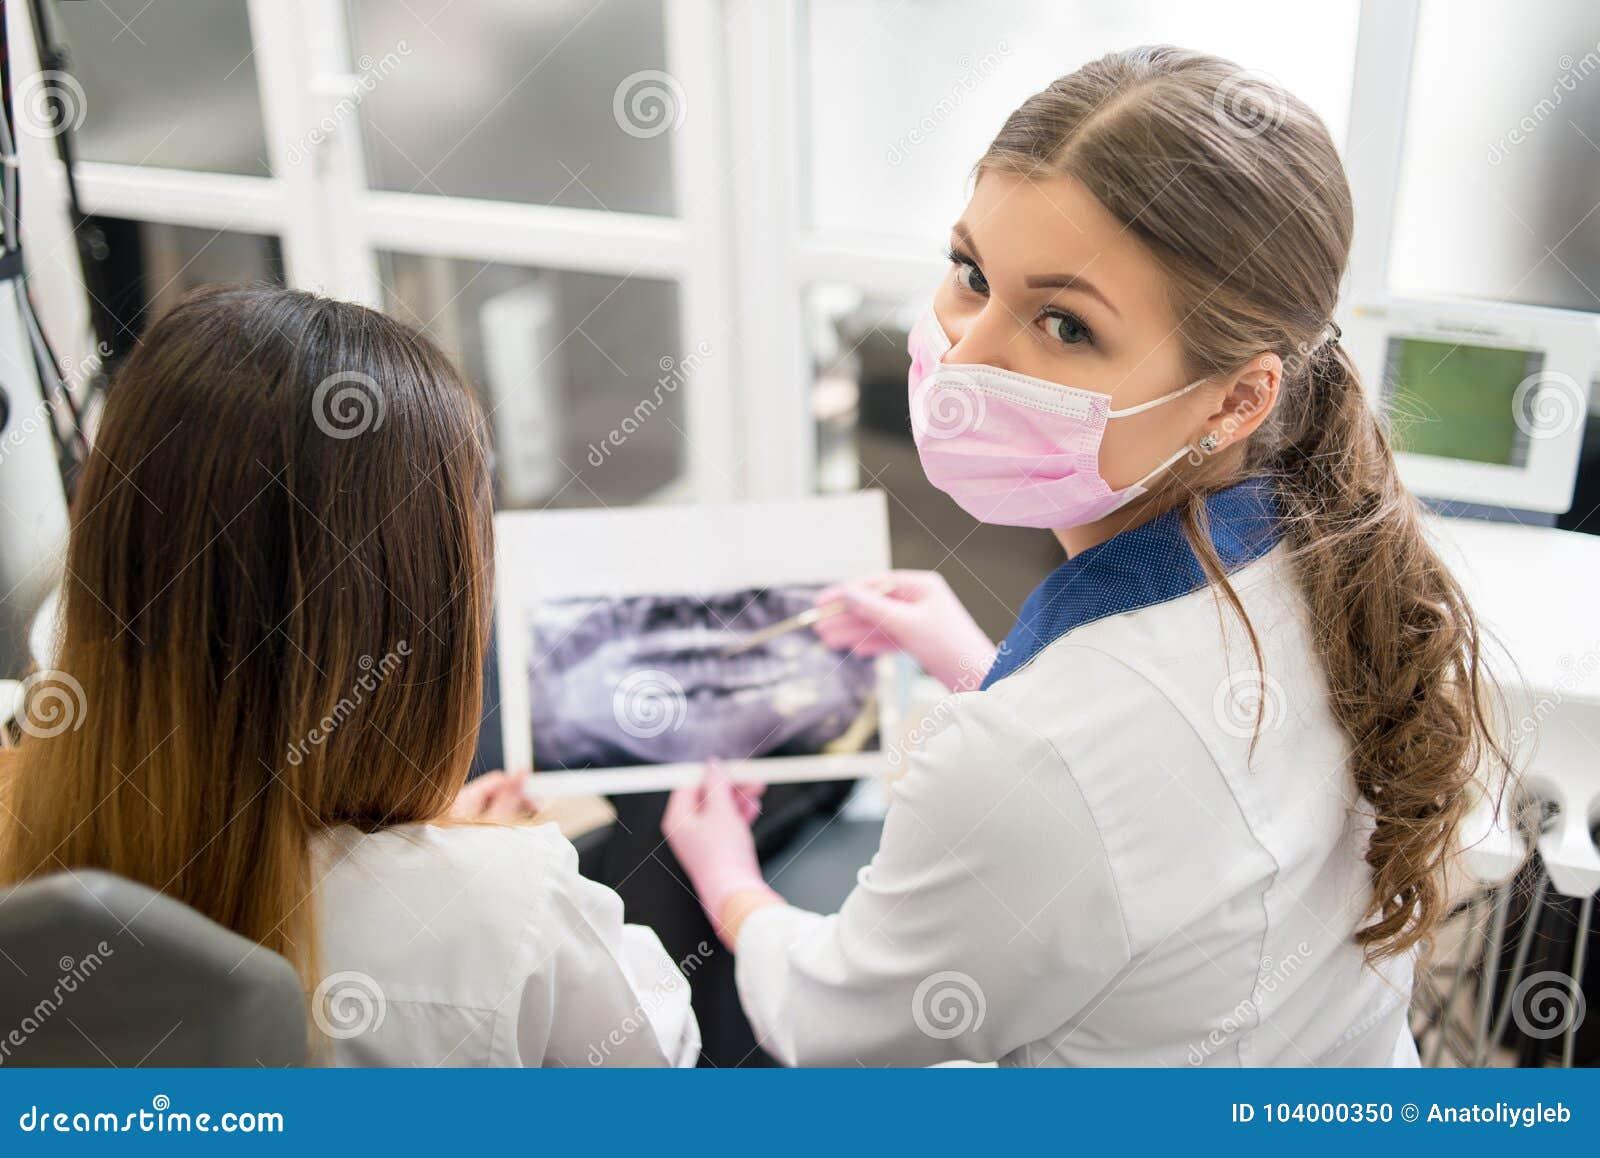 女性年轻与女性患者的牙医审查的X-射线图象在牙齿办公室,看对照相机 牙科